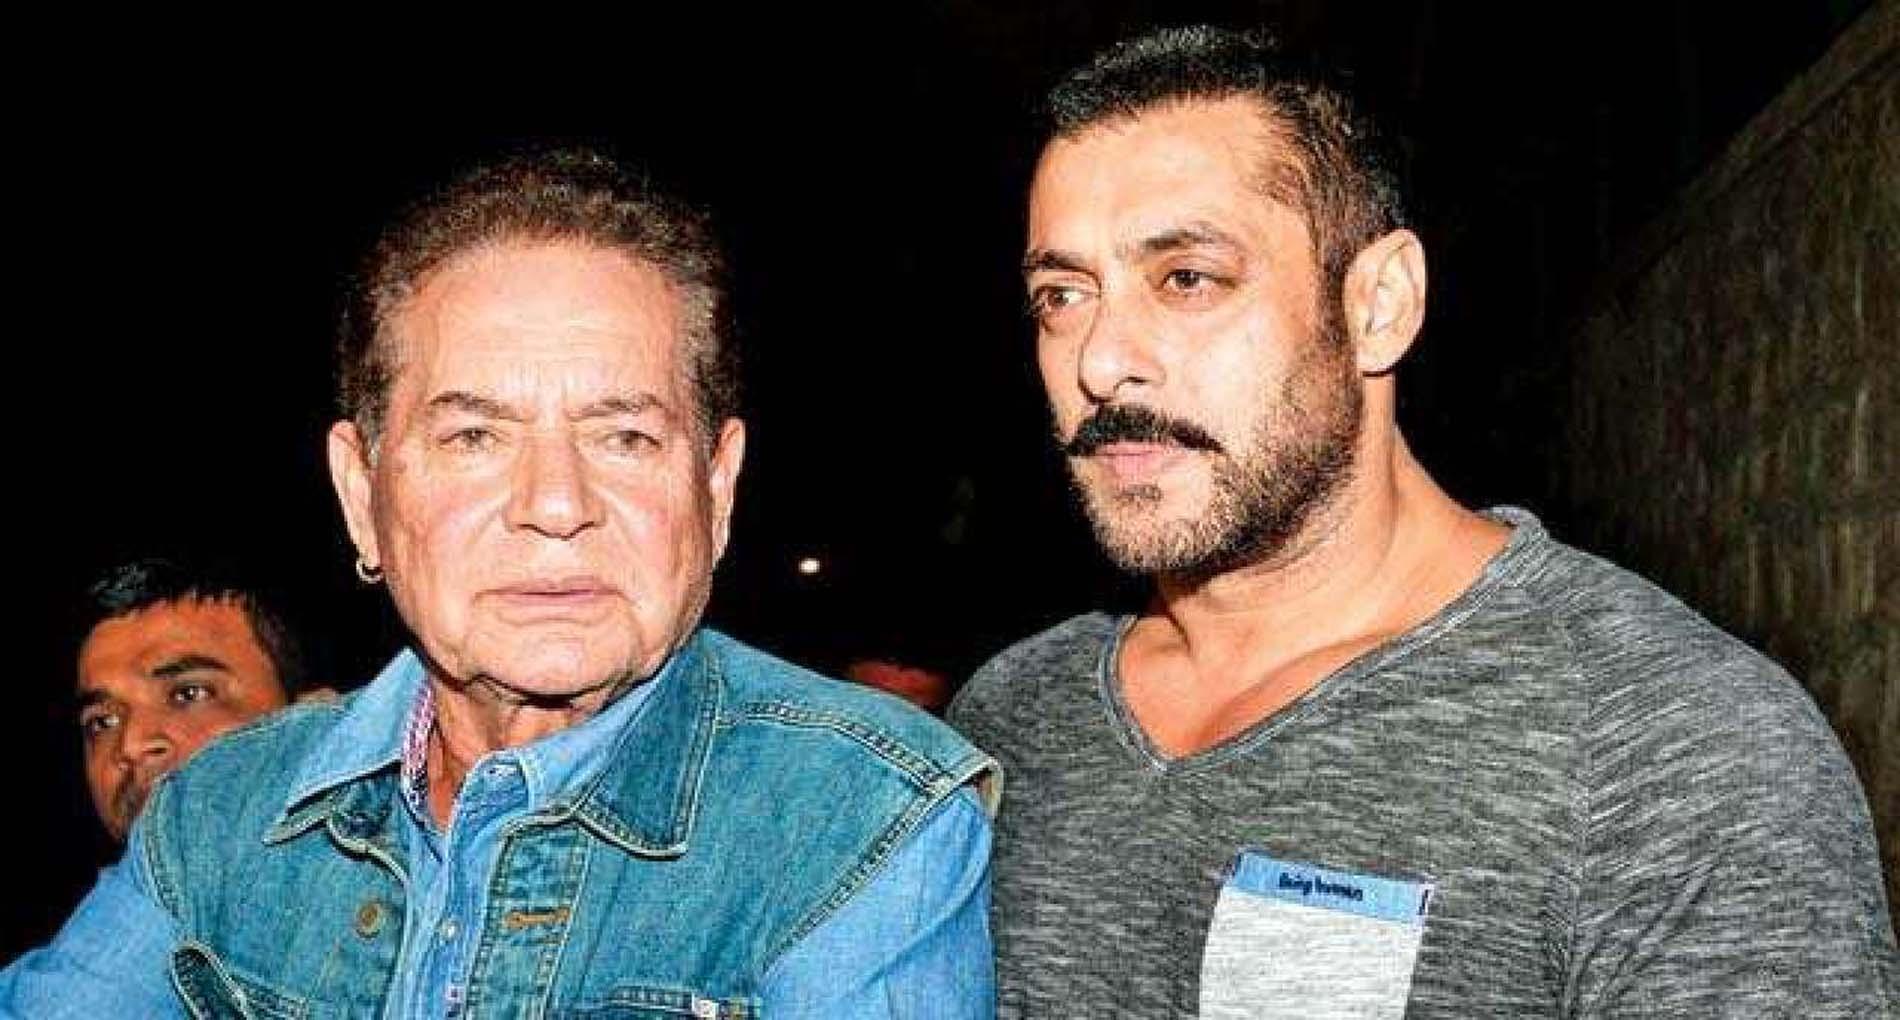 सलमान खान के पापा सलीम खान ने भी माना 'राधे' एक अच्छी फिल्म नहीं!